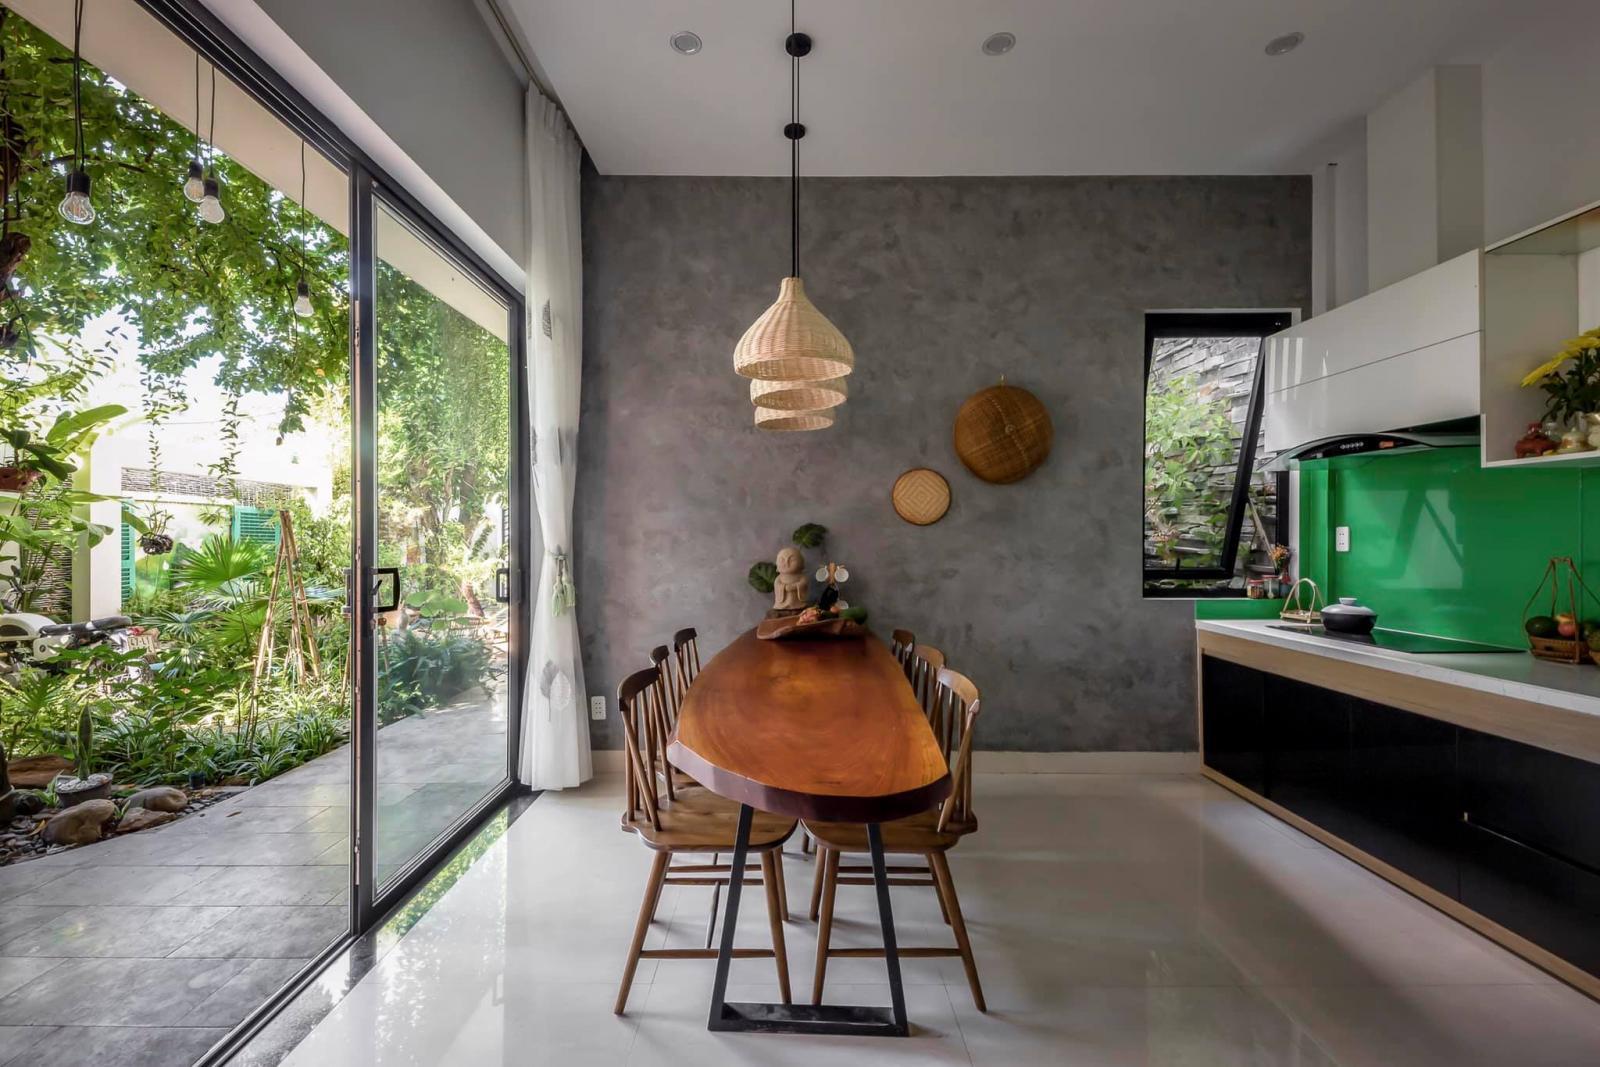 Gia chủ có thể vừa dùng bữa, vừa cảm nhận những cơn gió mát mẻ từ khoảng vườn xanh tươi thổi vào nhà.